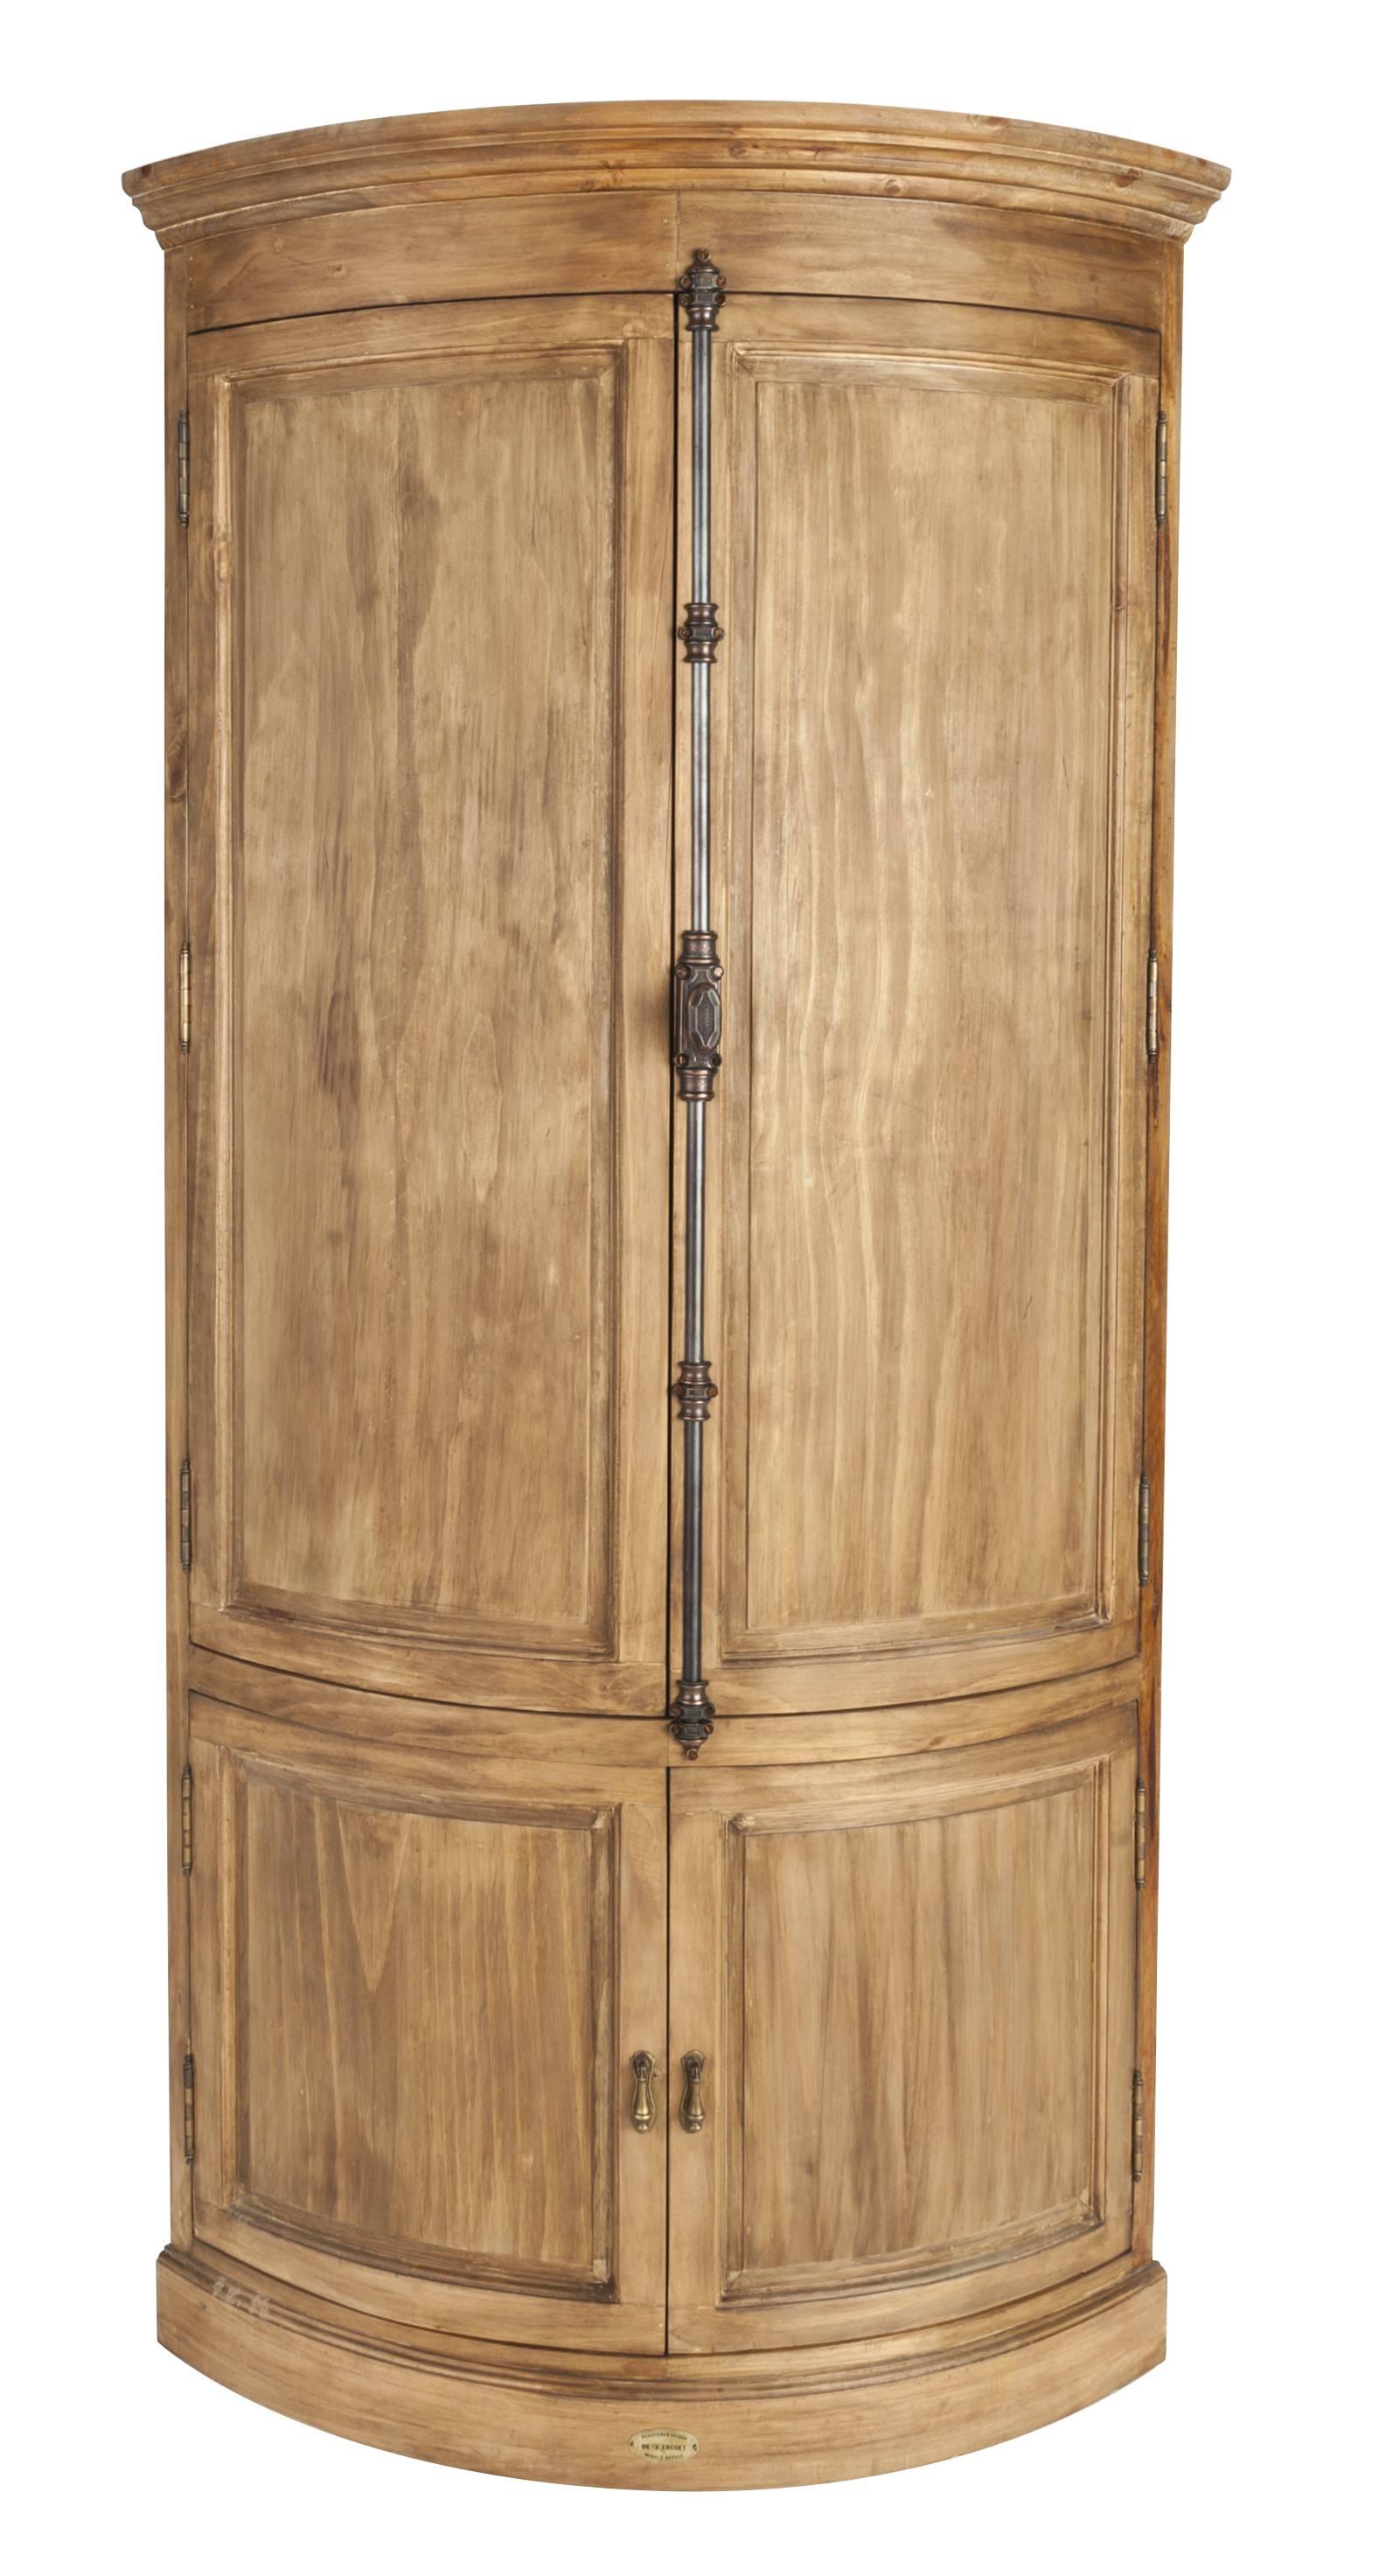 encoignure galbé de kercoet meuble d'angle de coin armoire de